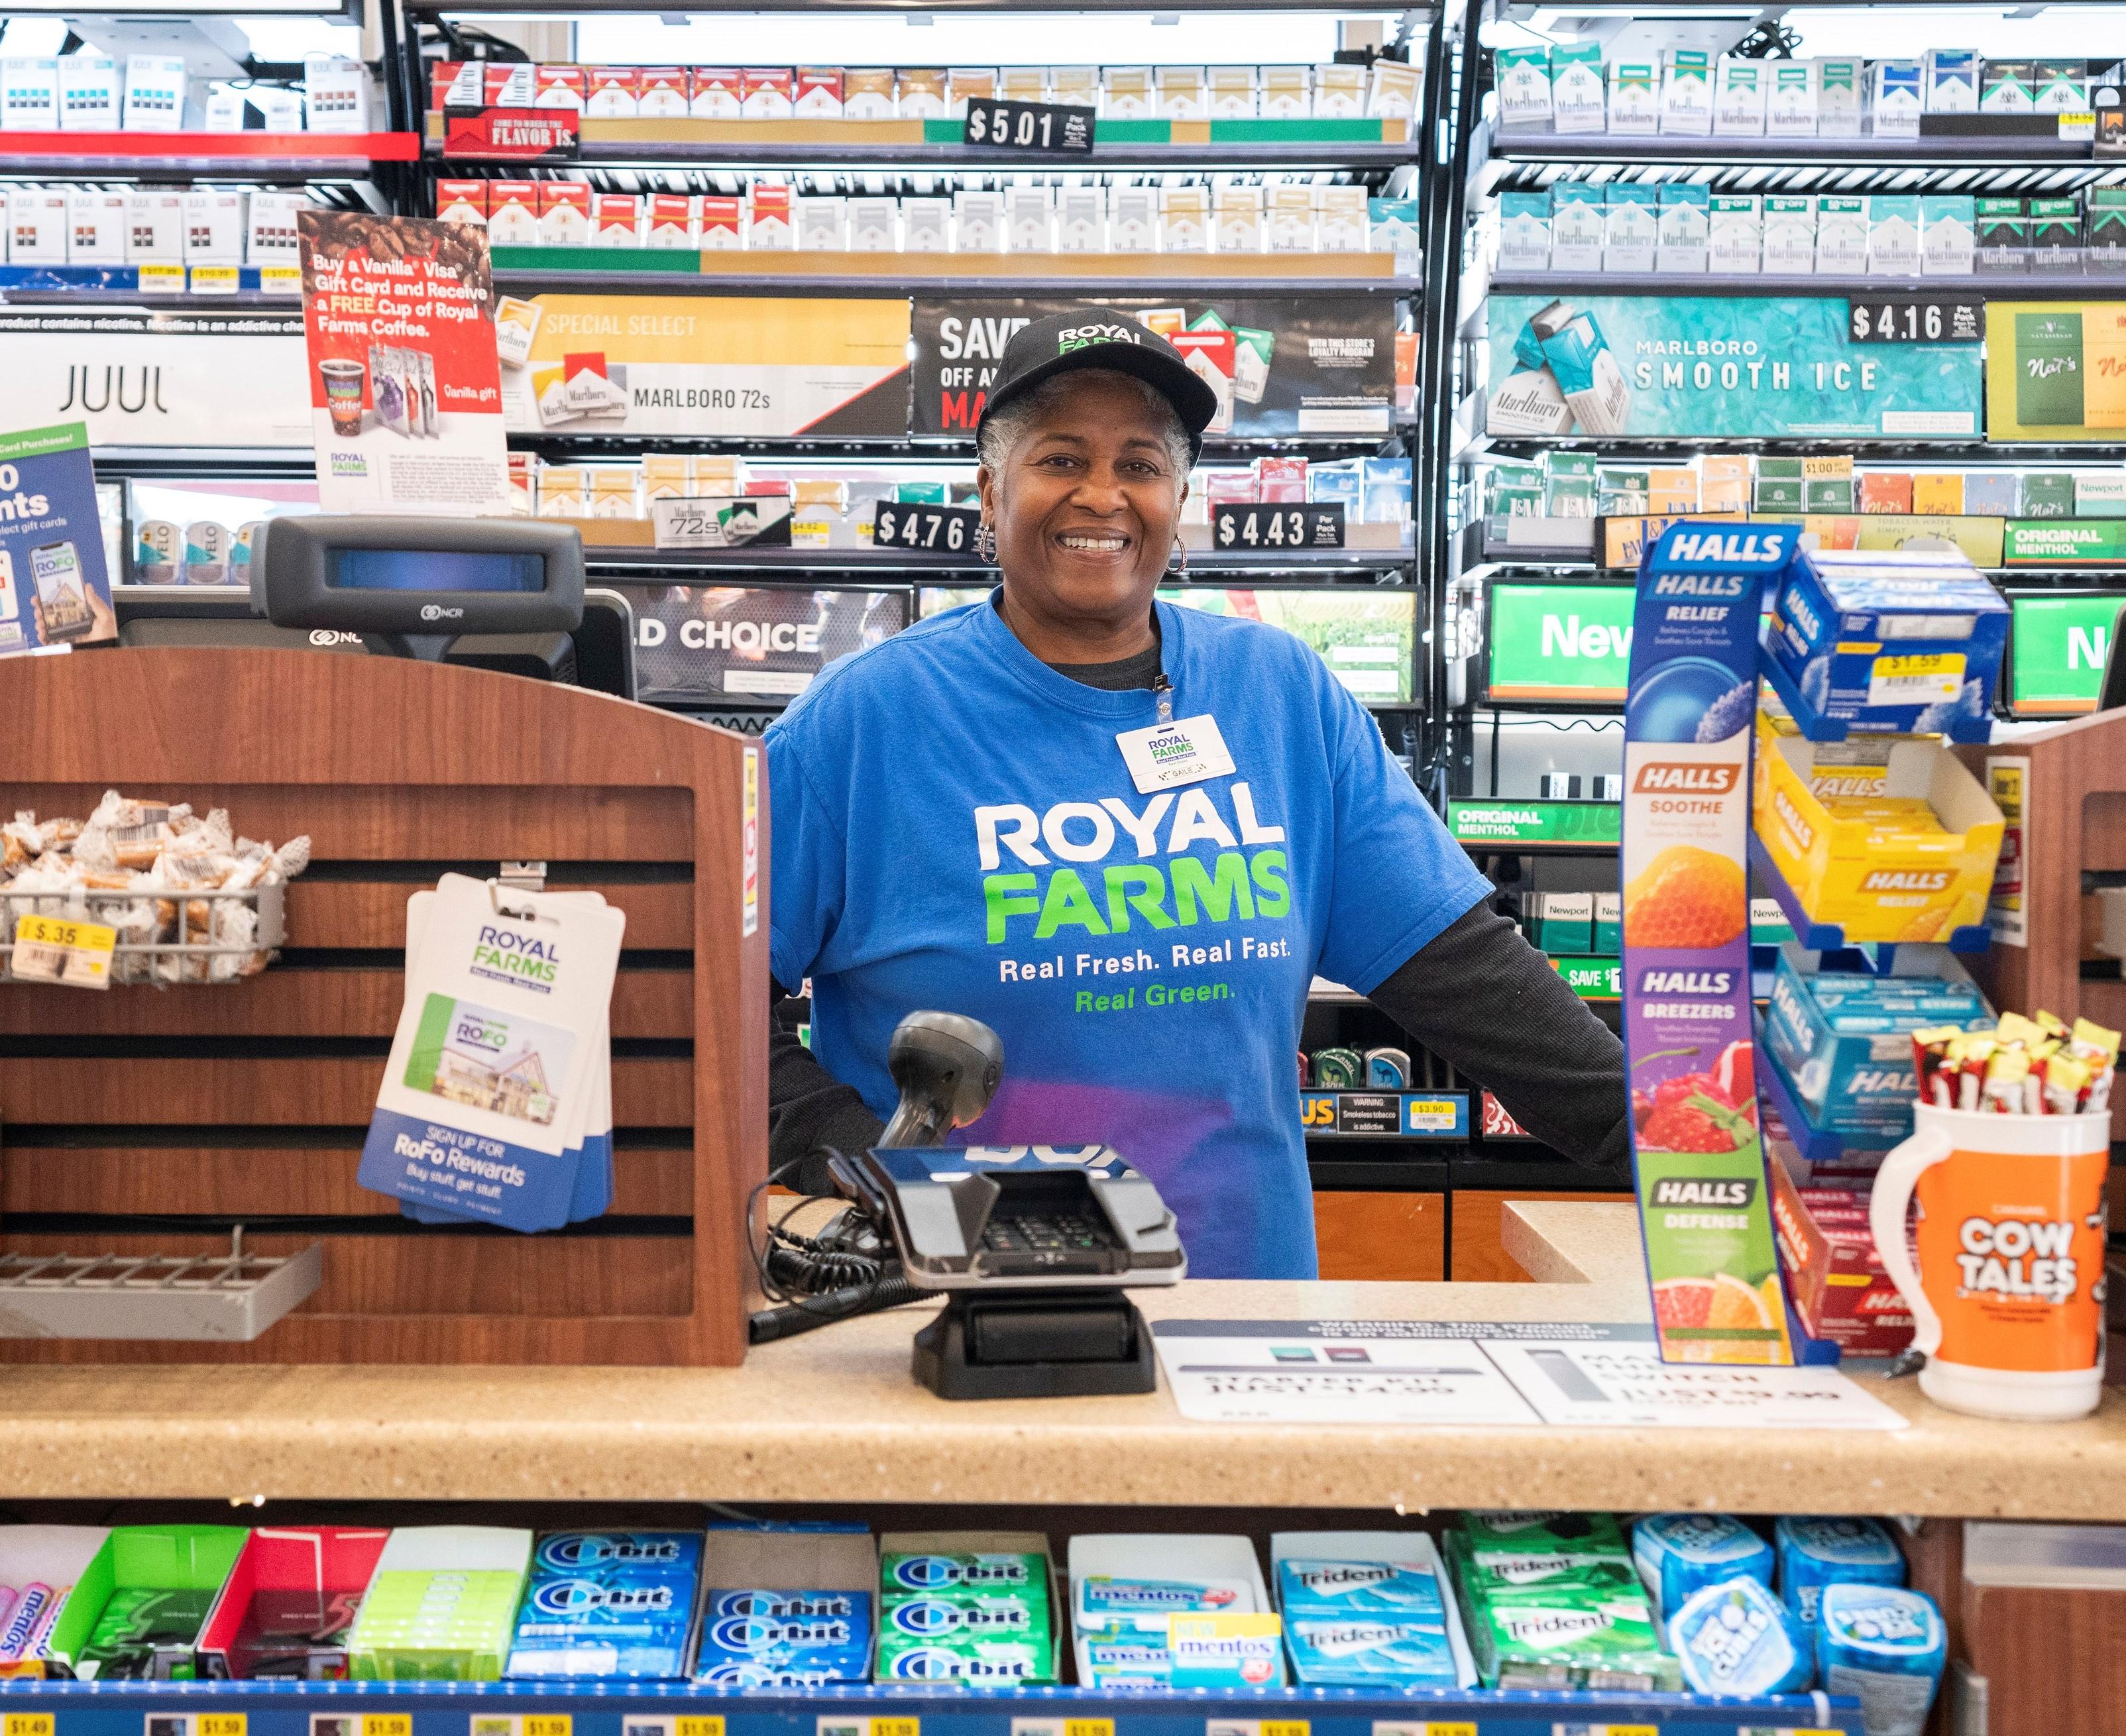 Meet Gaile, 70, convenience store cashier - Marketplace